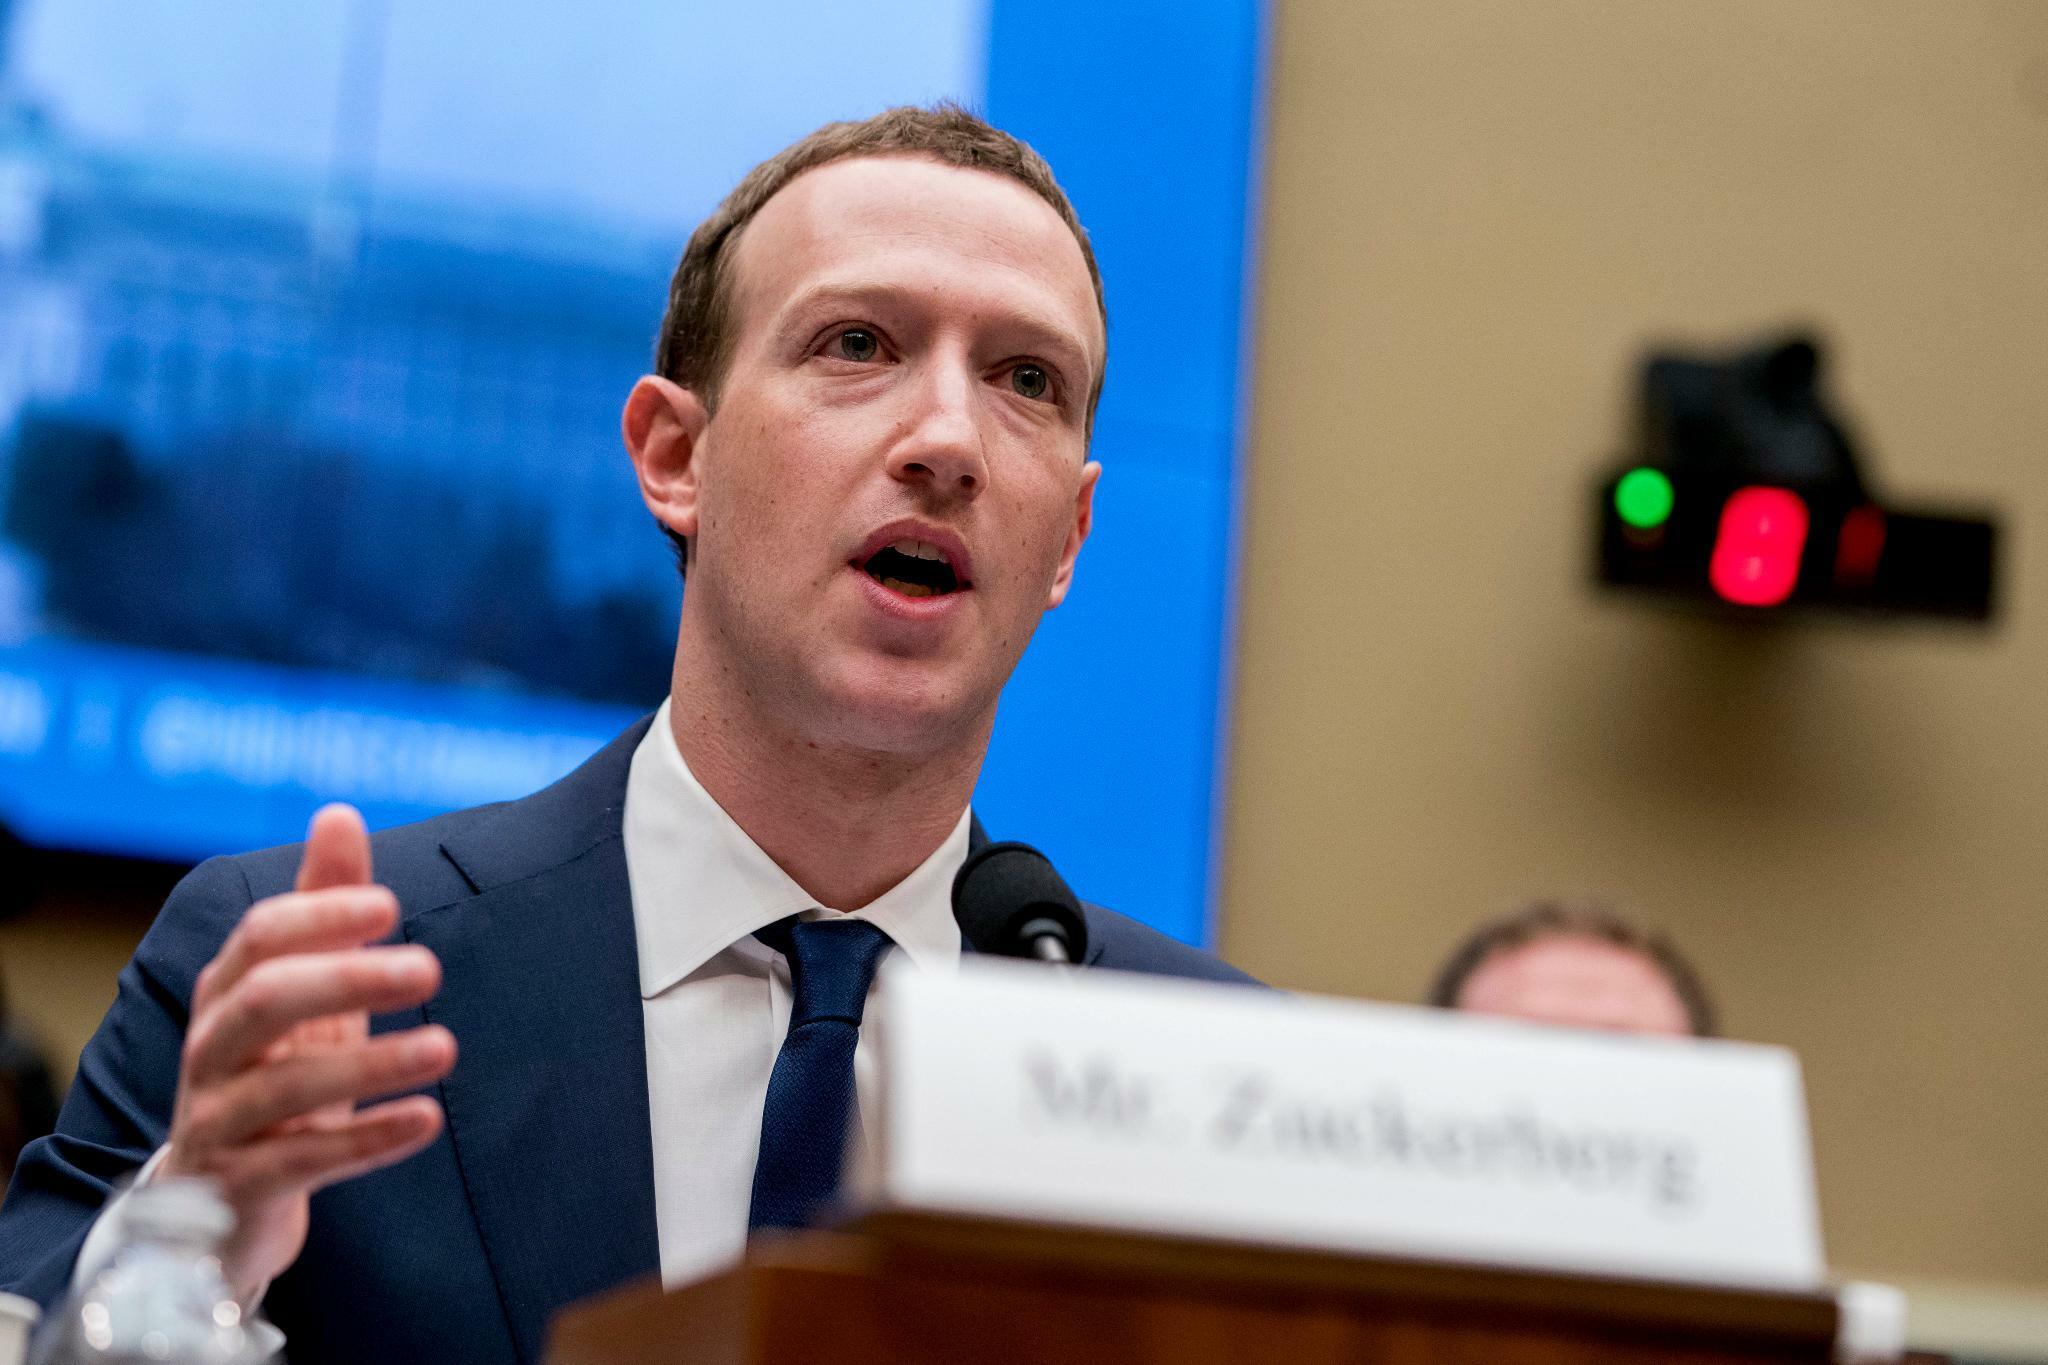 Facebook: Werbekampagne in Deutschland soll Image verbessern